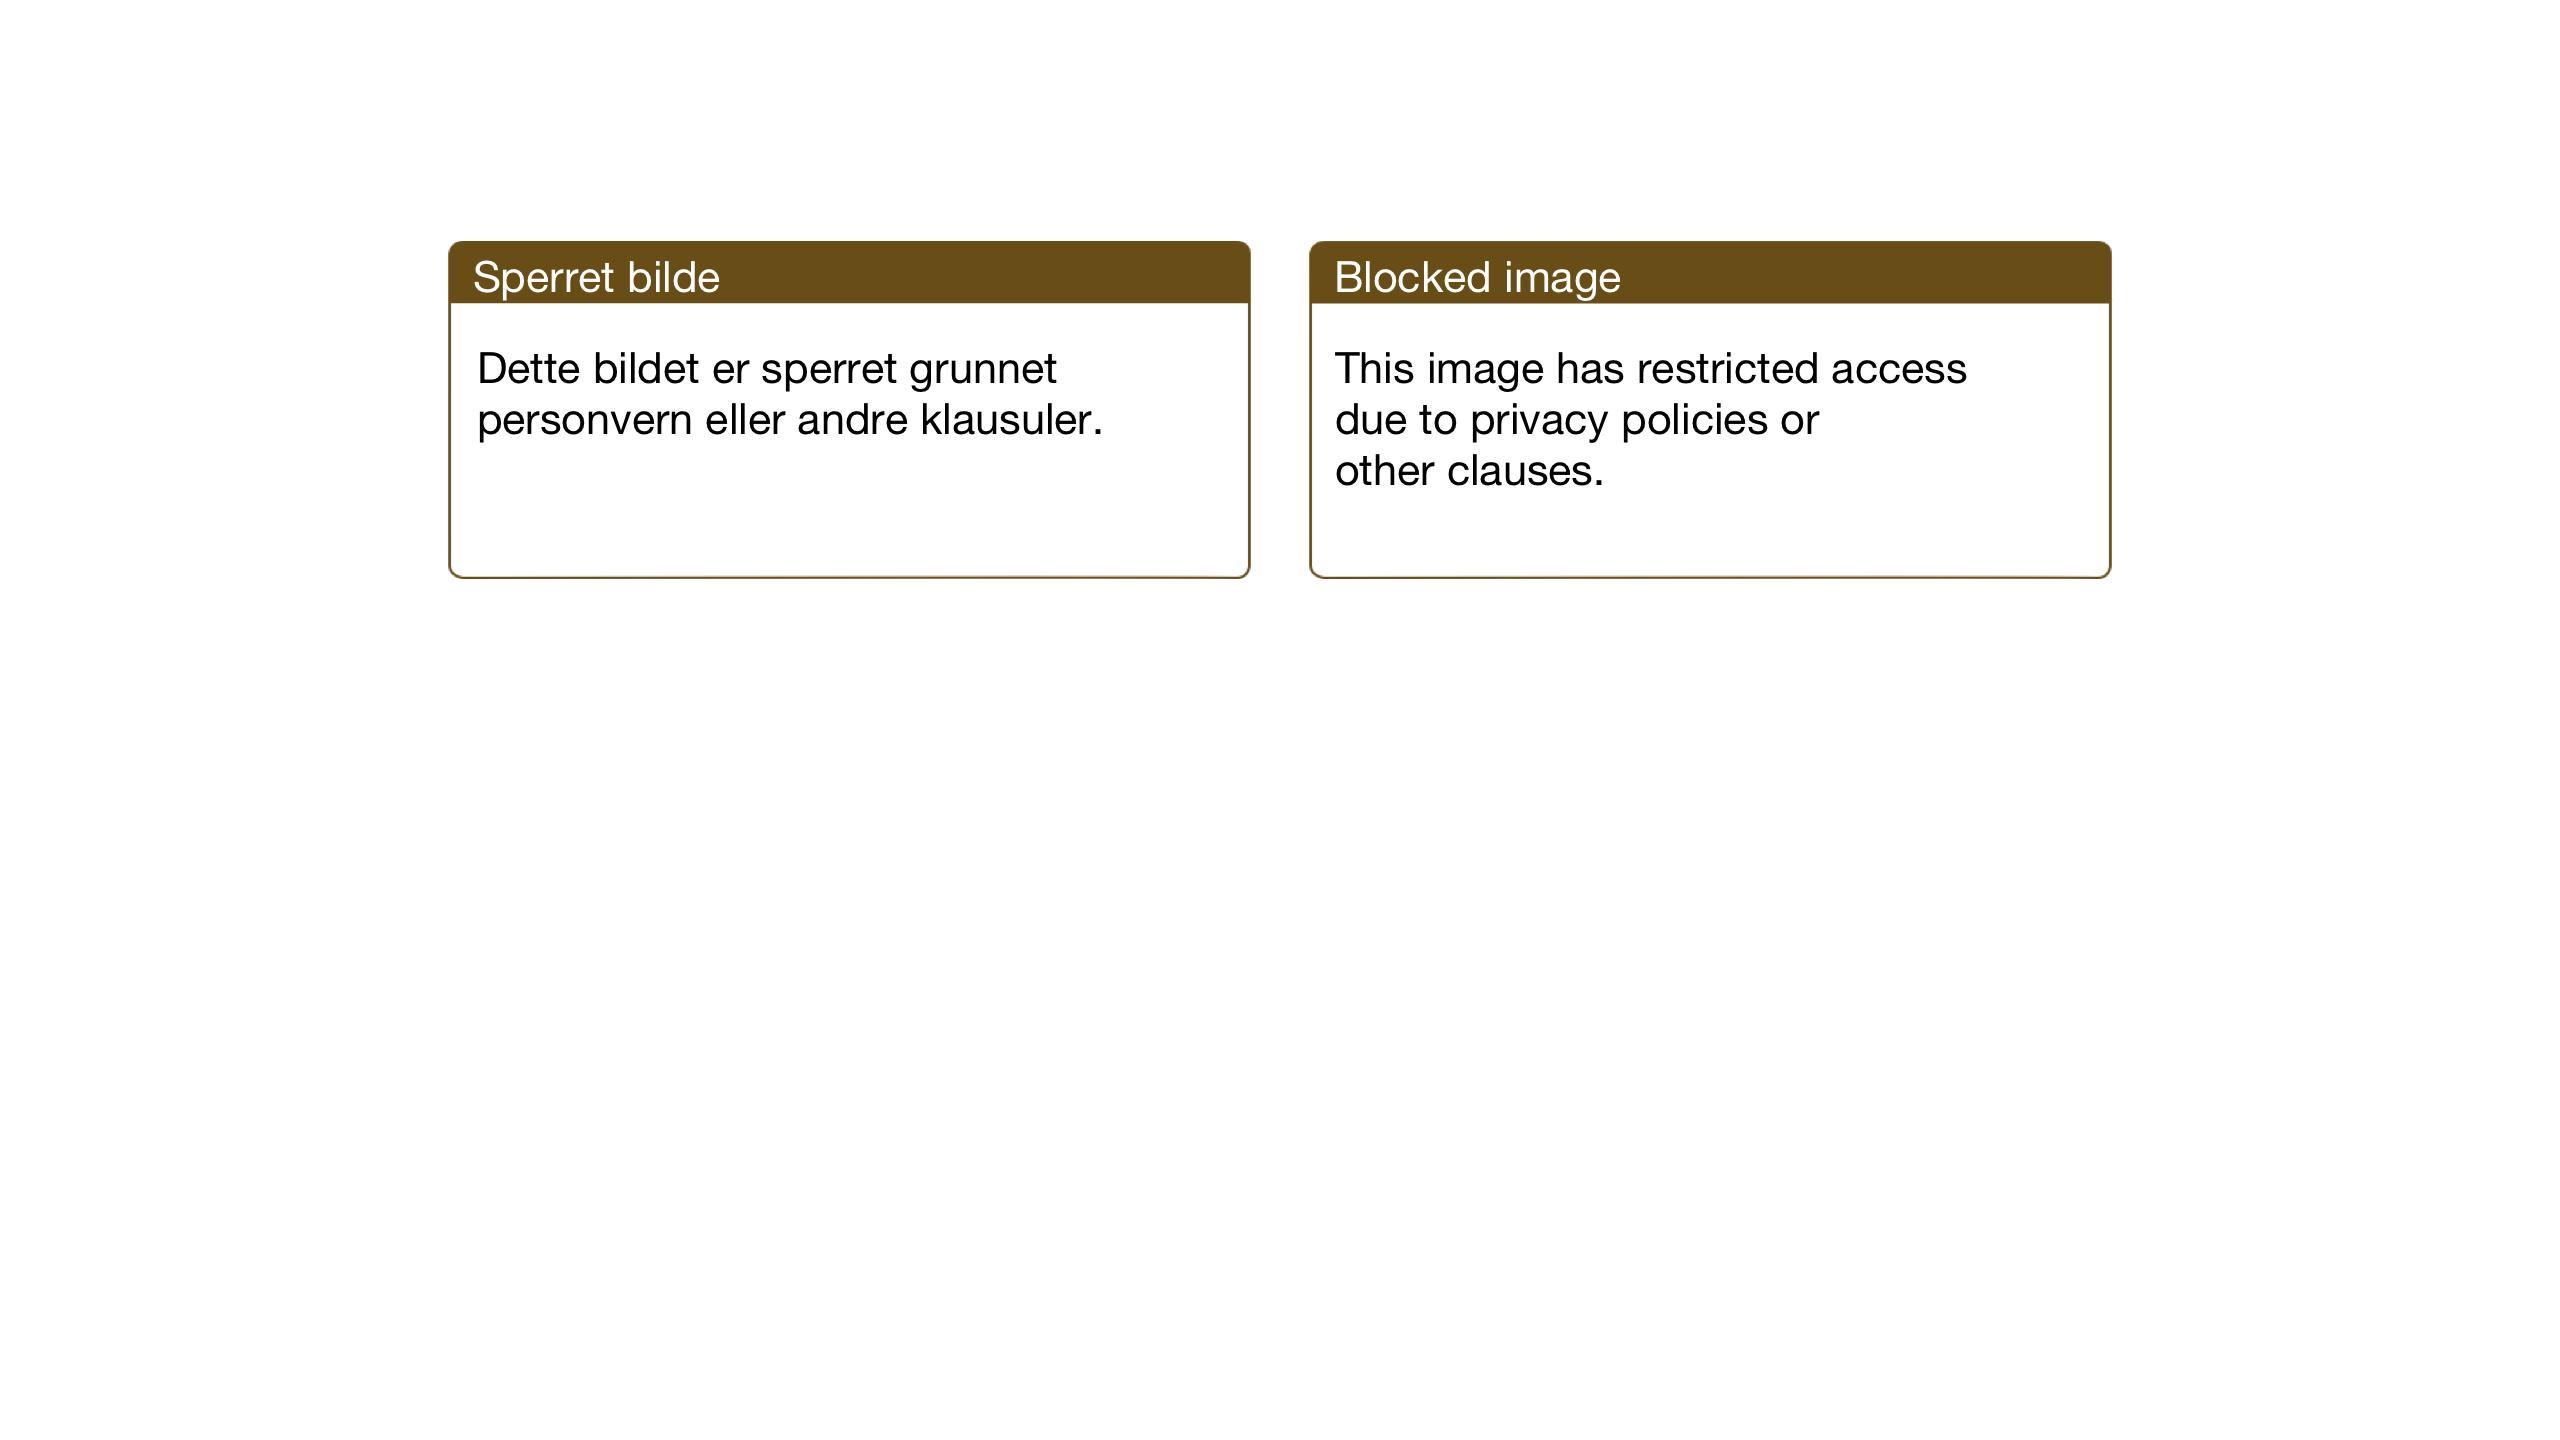 SAT, Ministerialprotokoller, klokkerbøker og fødselsregistre - Sør-Trøndelag, 640/L0590: Klokkerbok nr. 640C07, 1935-1948, s. 65